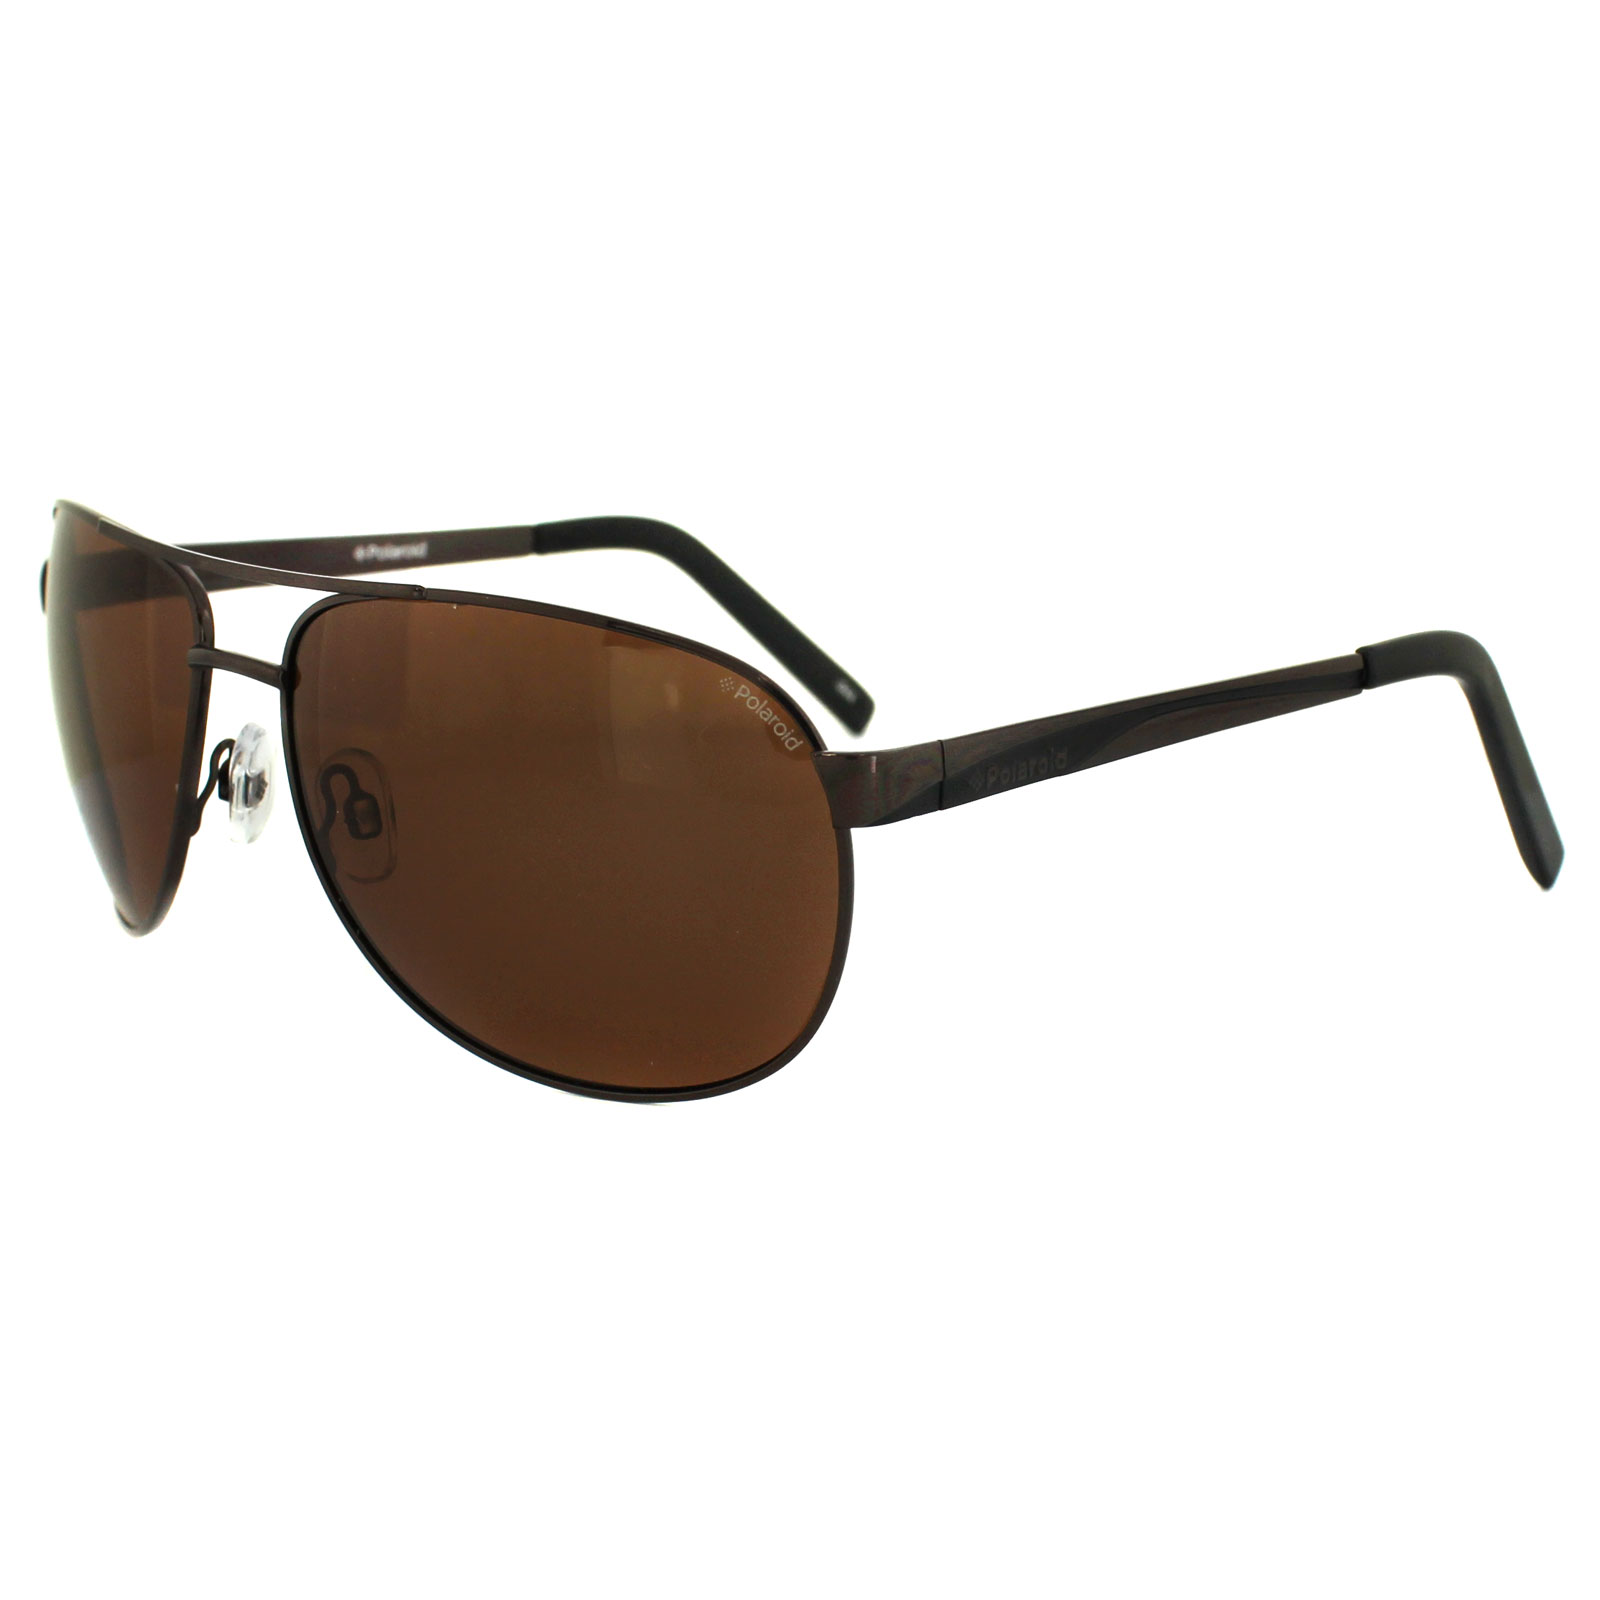 00cdd7fad600 Sentinel Polaroid Sunglasses P4402 00T HE Dark Brown Copper Polarized